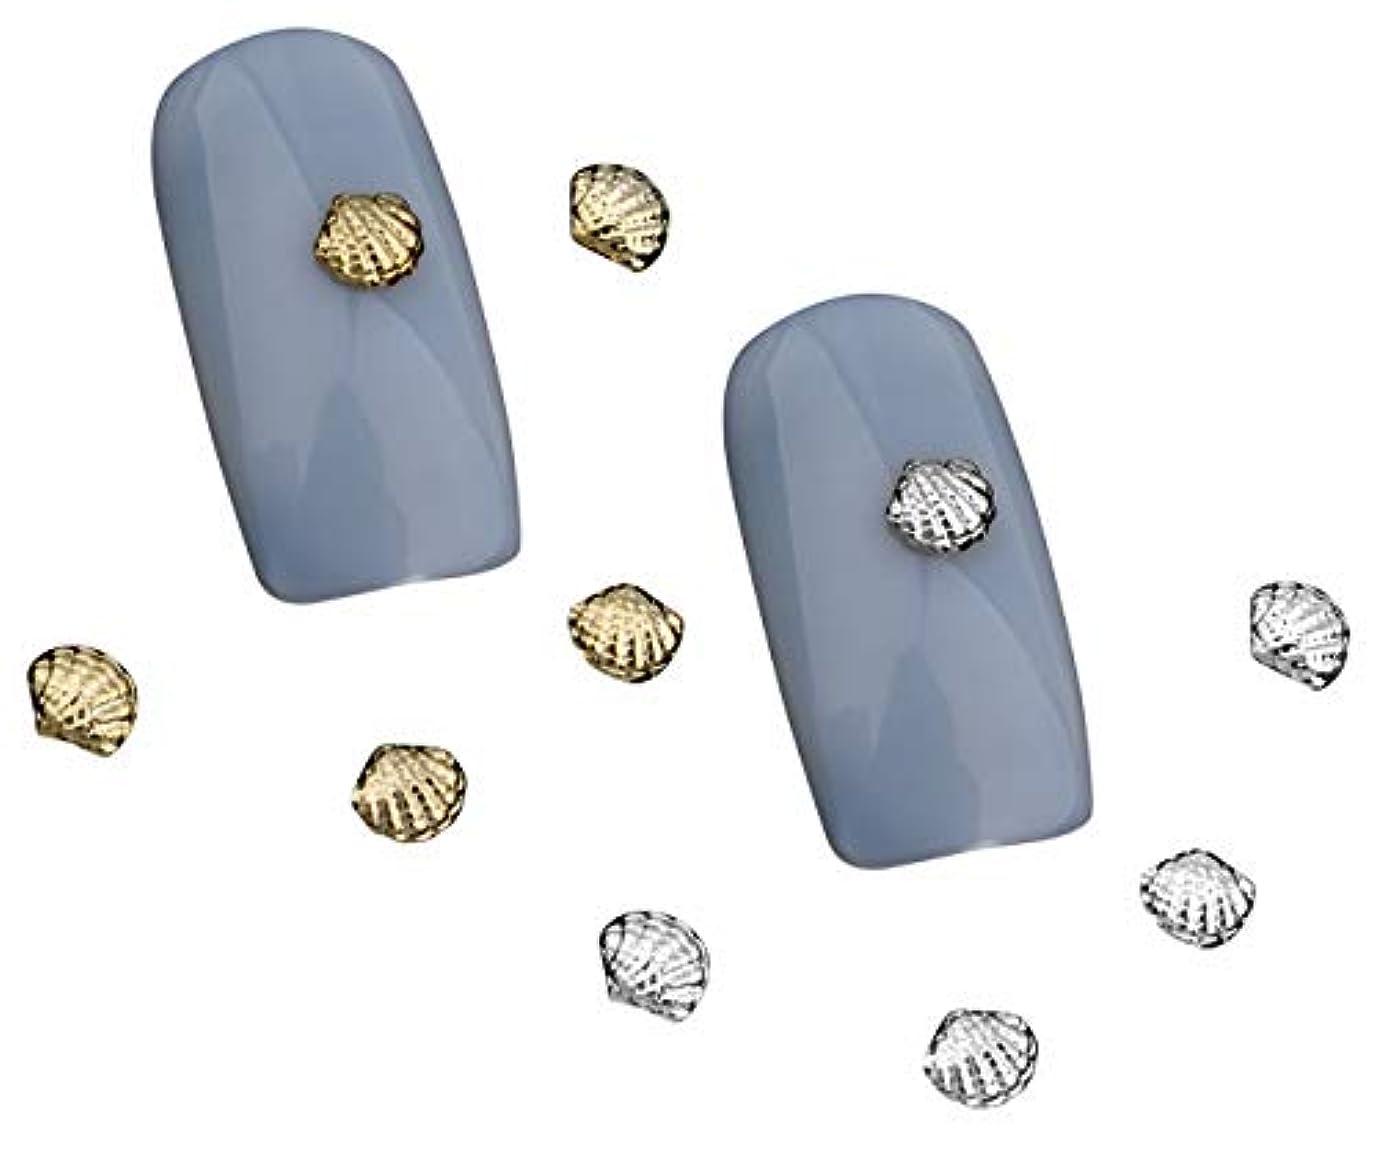 インターネットドレスシルクTianmey シェル3Dゴールドシルバー合金ネイルズアートラインストーンの装飾チャームジュエリーネイルツール